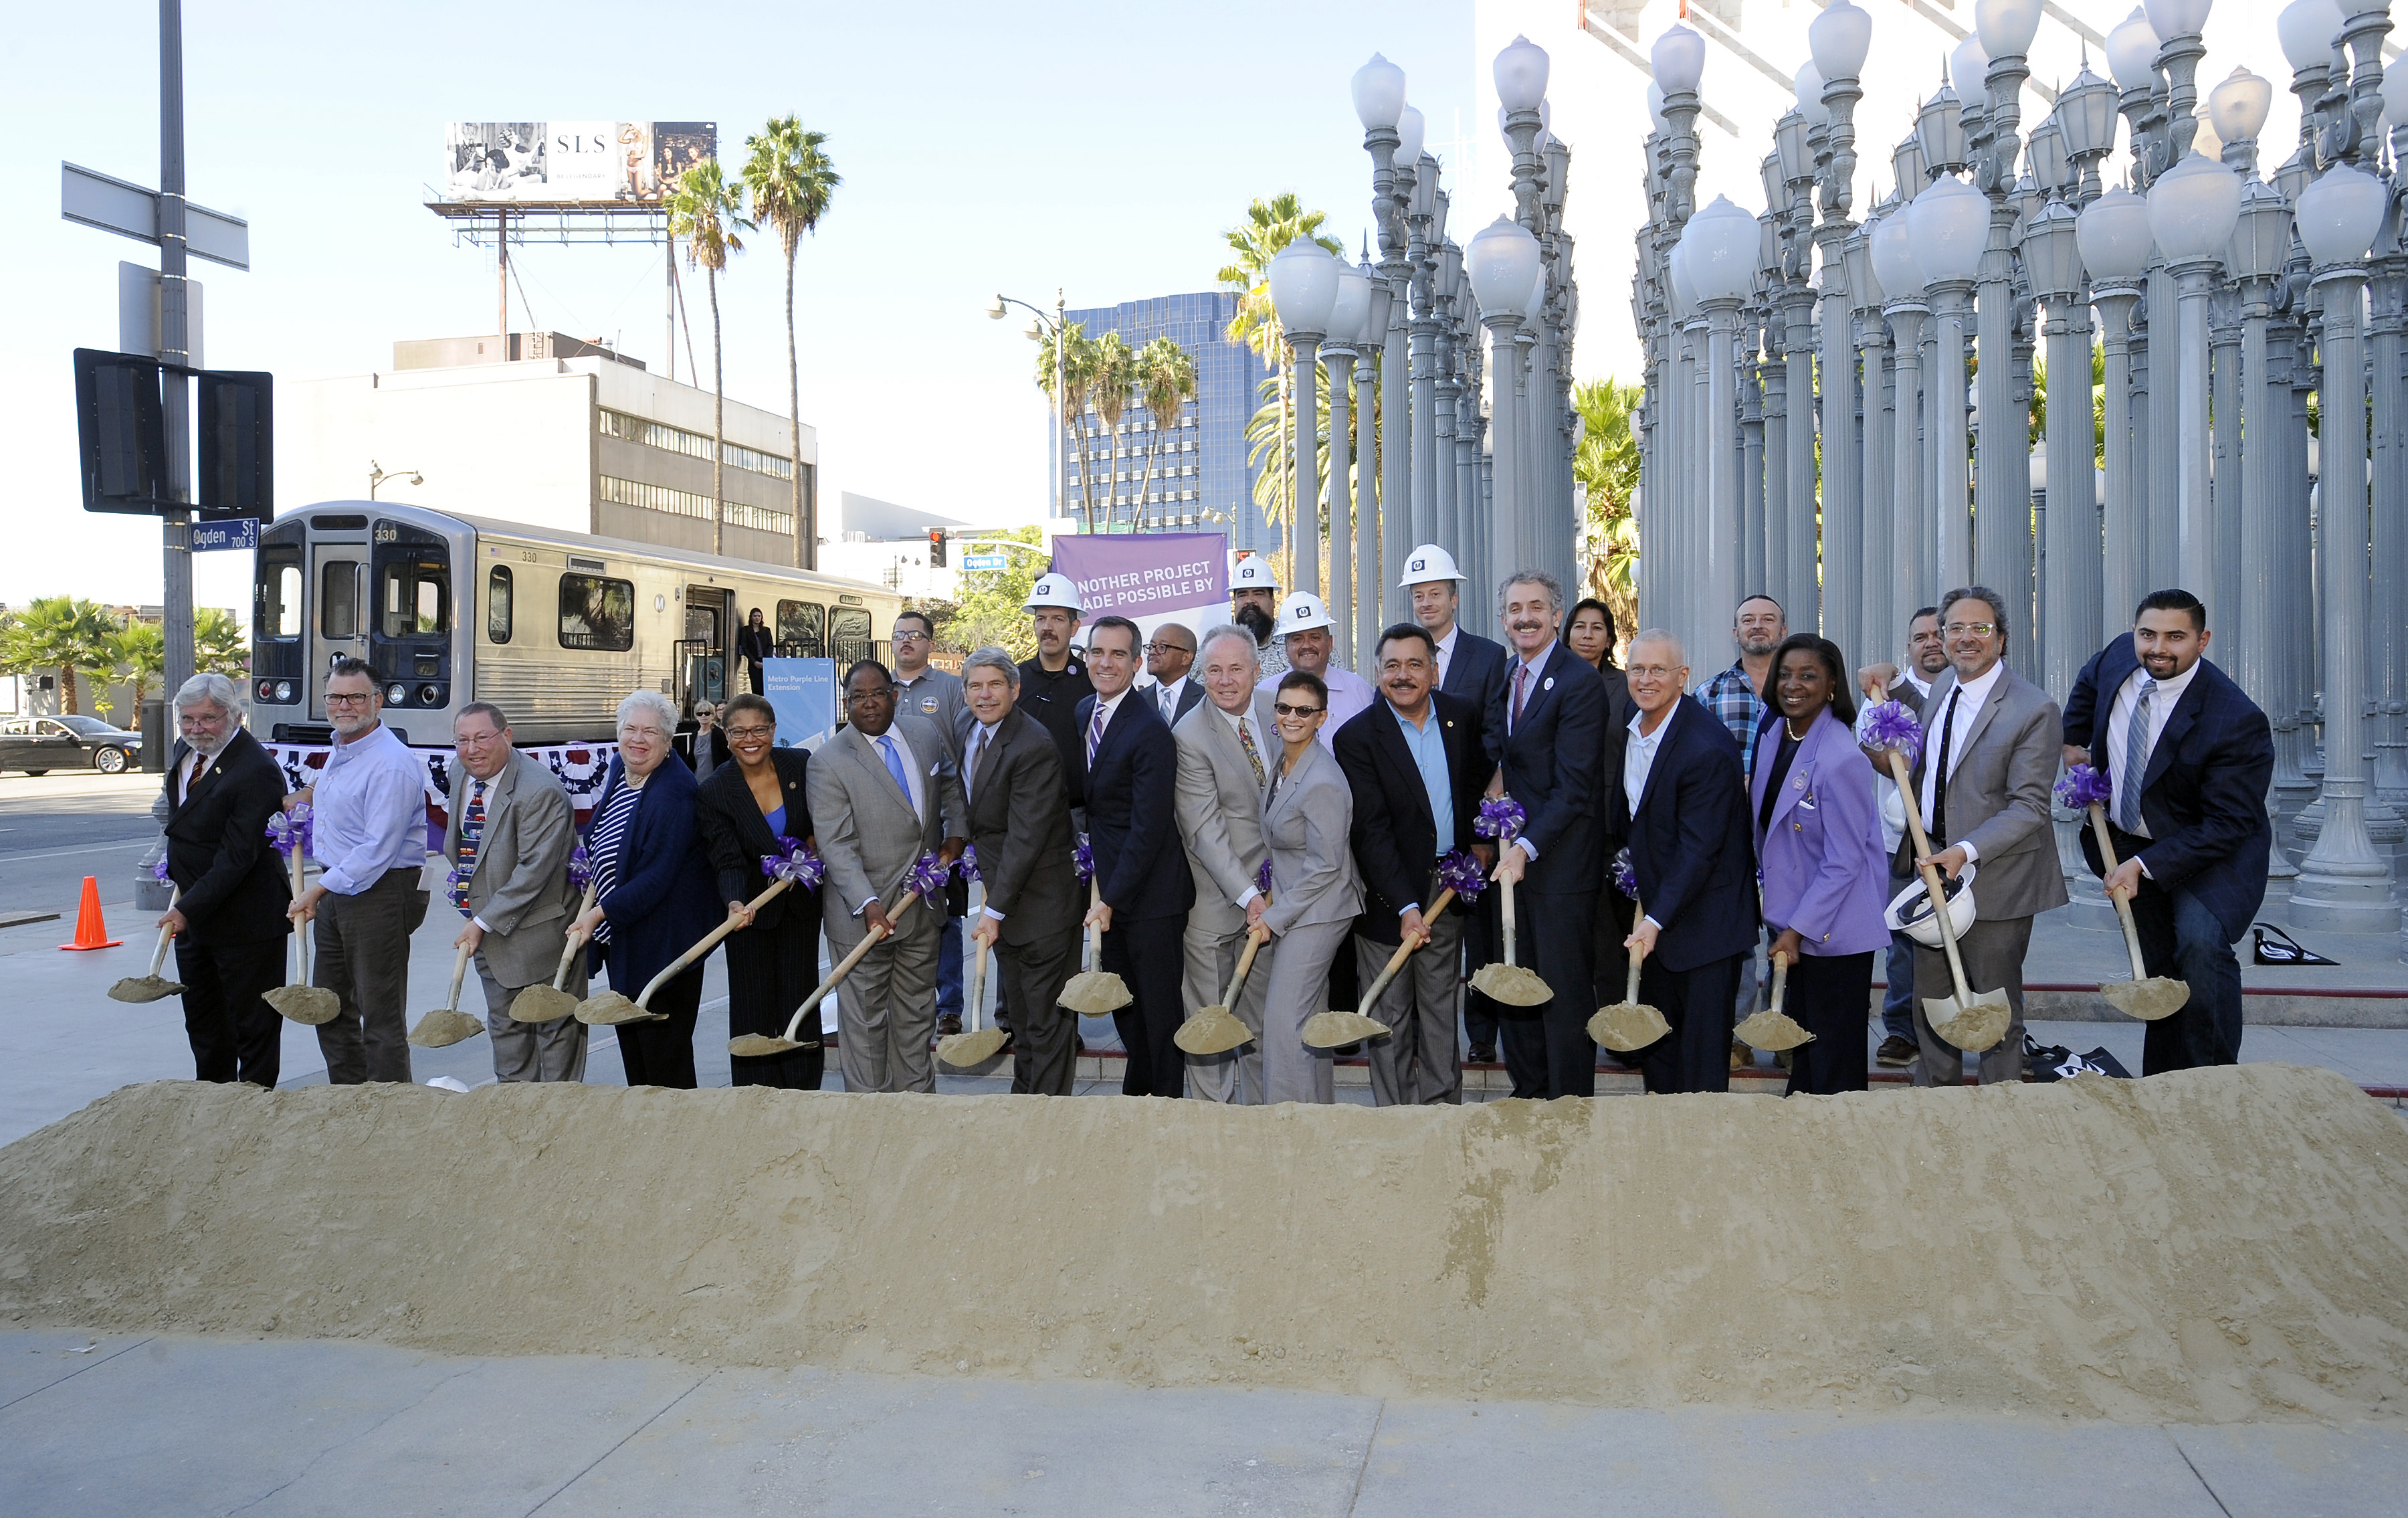 Los funcionarios asistentes durante la ceremonia del inicio de las obras. Foto: Juan Ocampo/Metro.